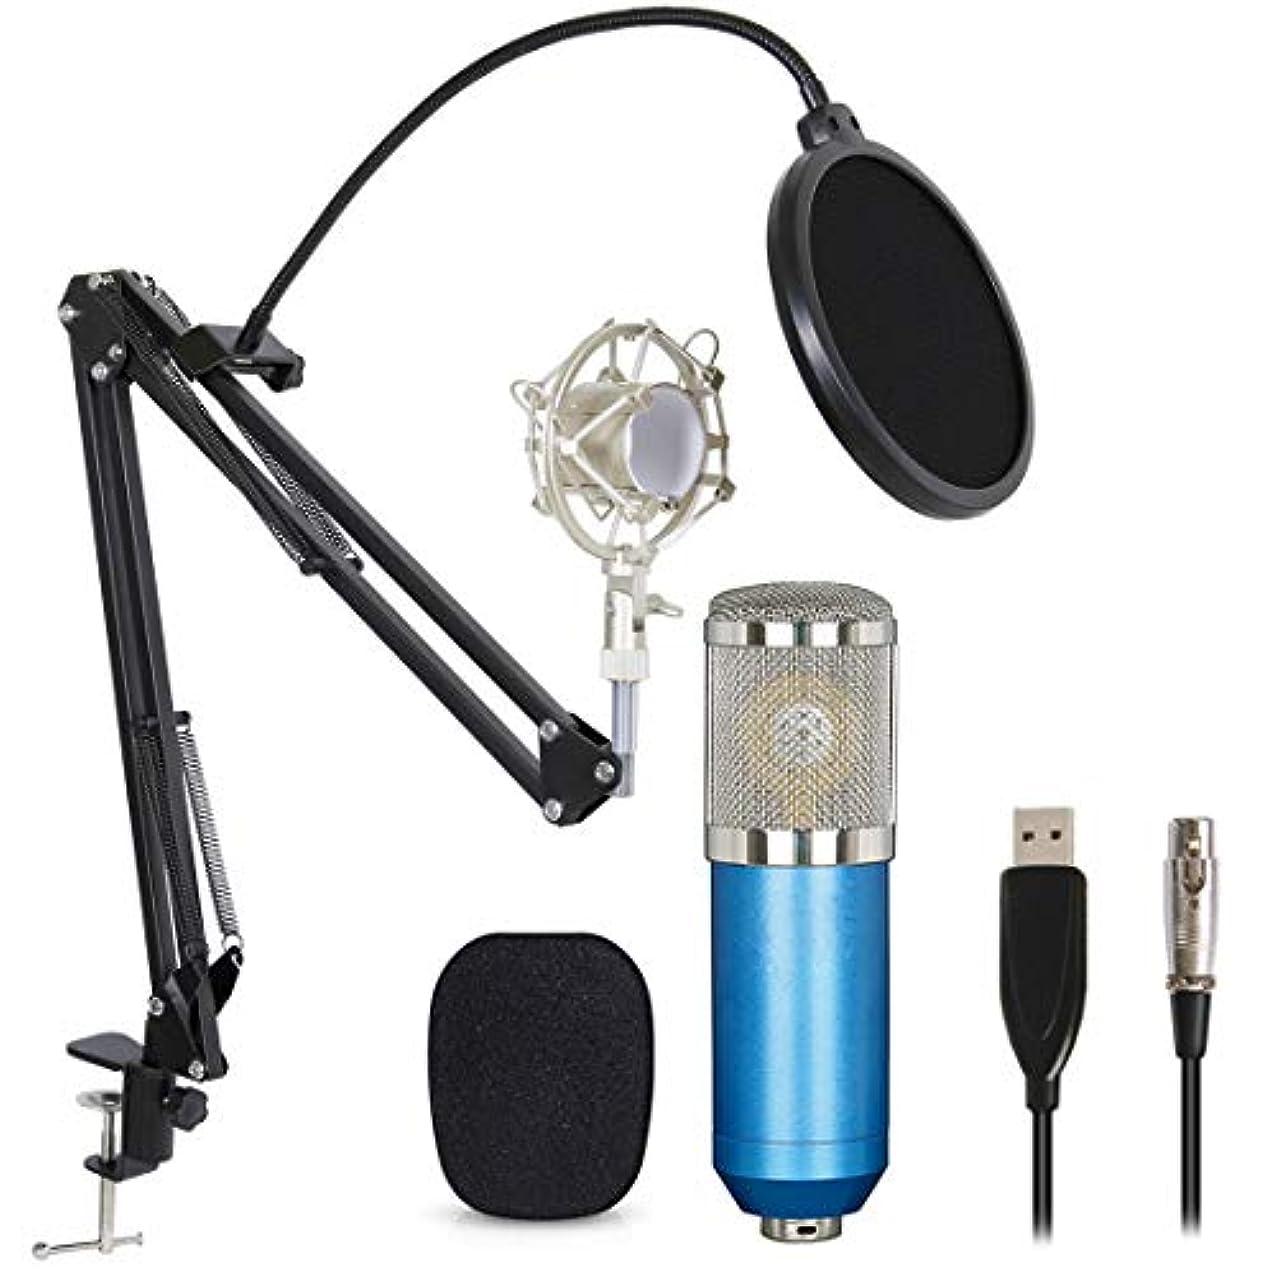 クラック結果としてドリンクプロフェッショナル USBコンデンサーマイクバンドル BM800 XLR 3ピンマイクキット 調整可能なブームシザーアームスタンド付き ショックマウント ポップフィルターUSBオーディオケーブル コンピュータ Youtube Singing Studio 記録用 L ブルー